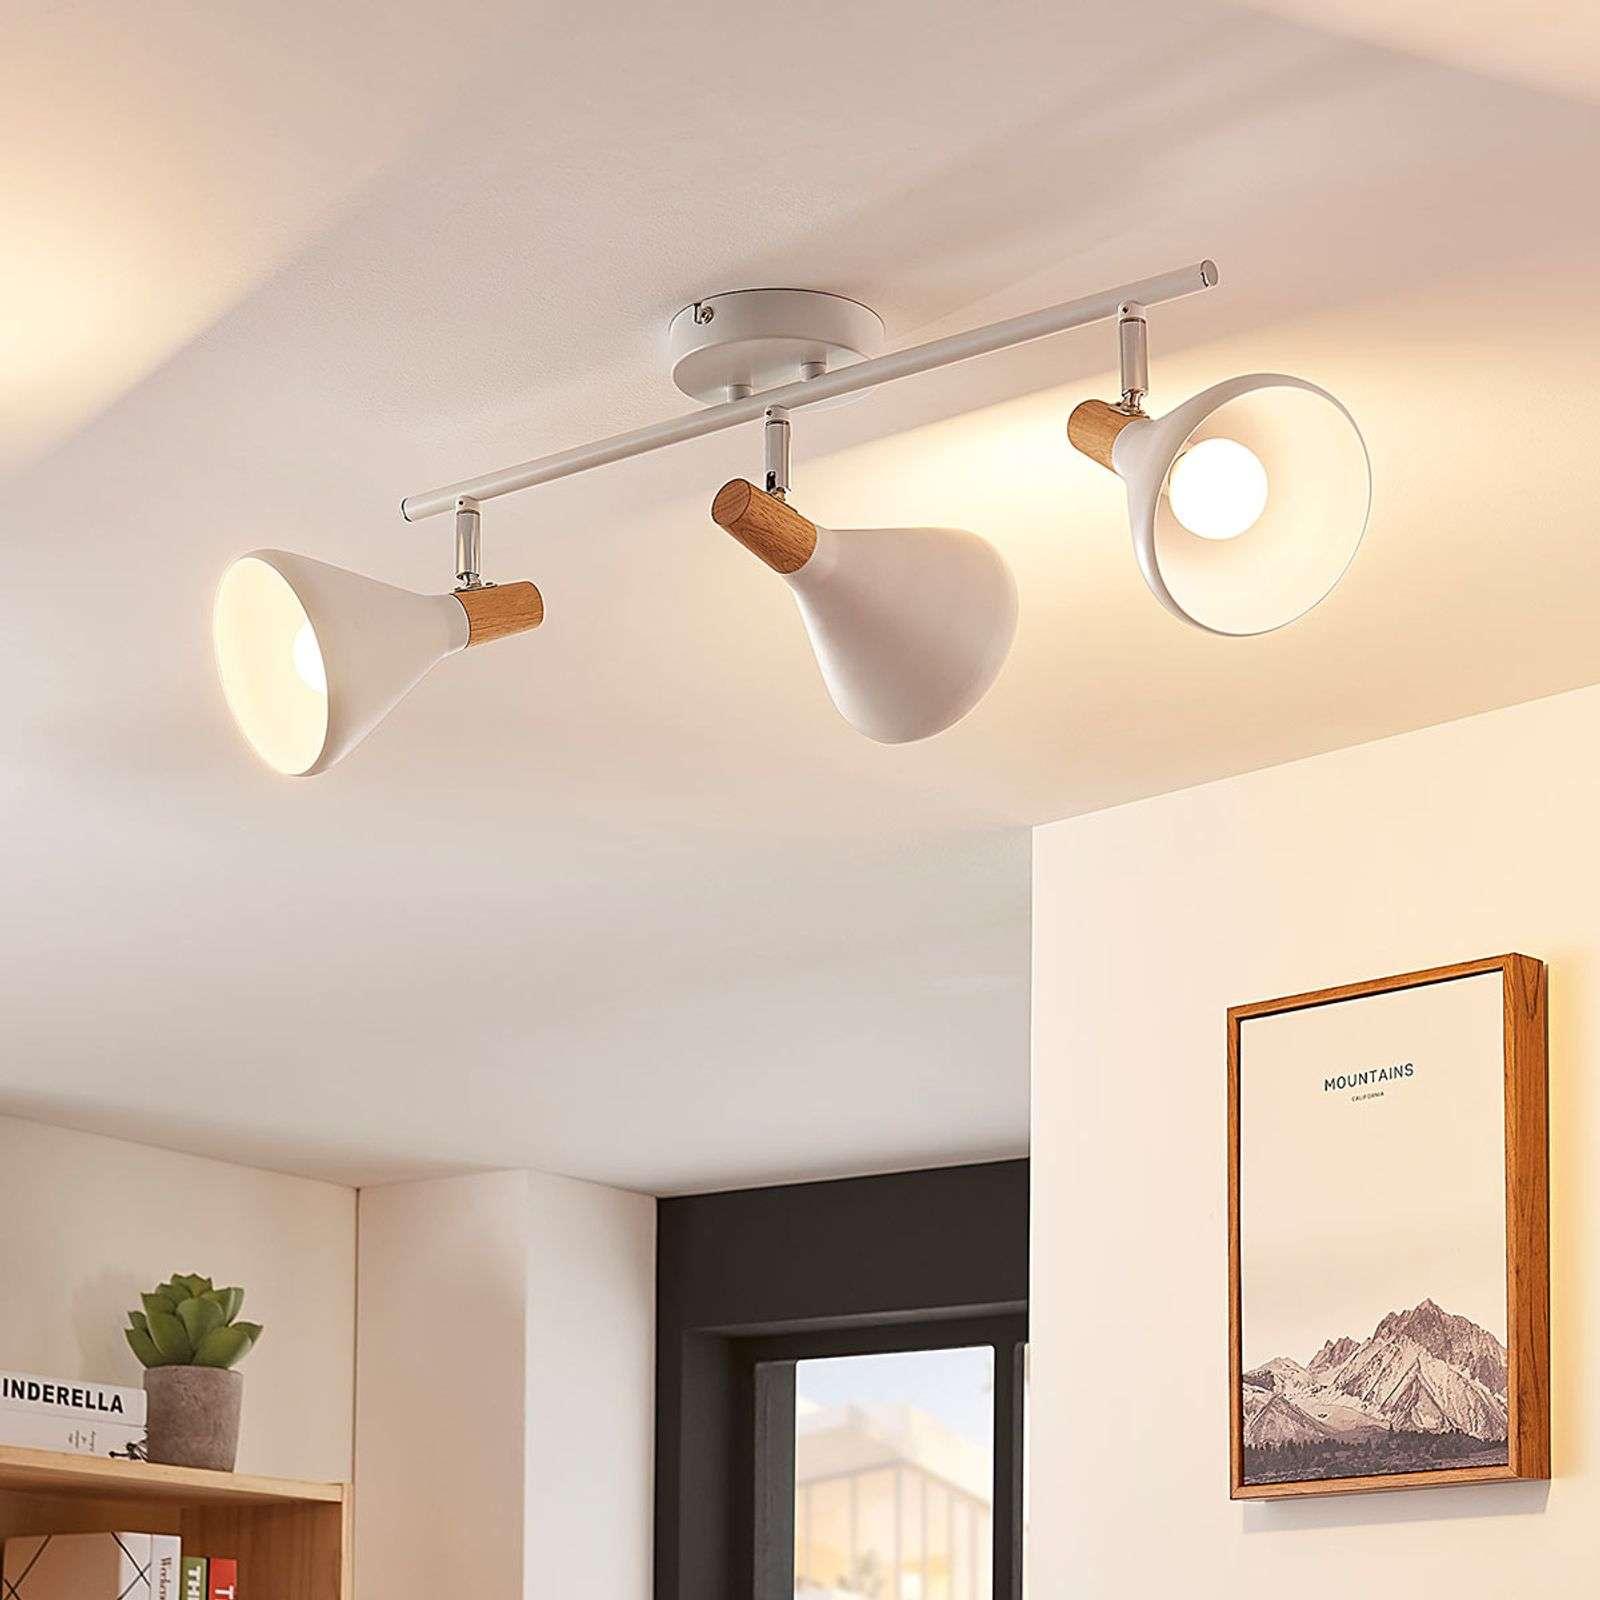 Full Size of Küche Deckenleuchte Led Deckenlampe Arina 4 Flammig Lampenwelt Kche Vinylboden U Form Arbeitsschuhe Unterschrank Eiche Unterschränke Gardinen Arbeitsplatte Wohnzimmer Küche Deckenleuchte